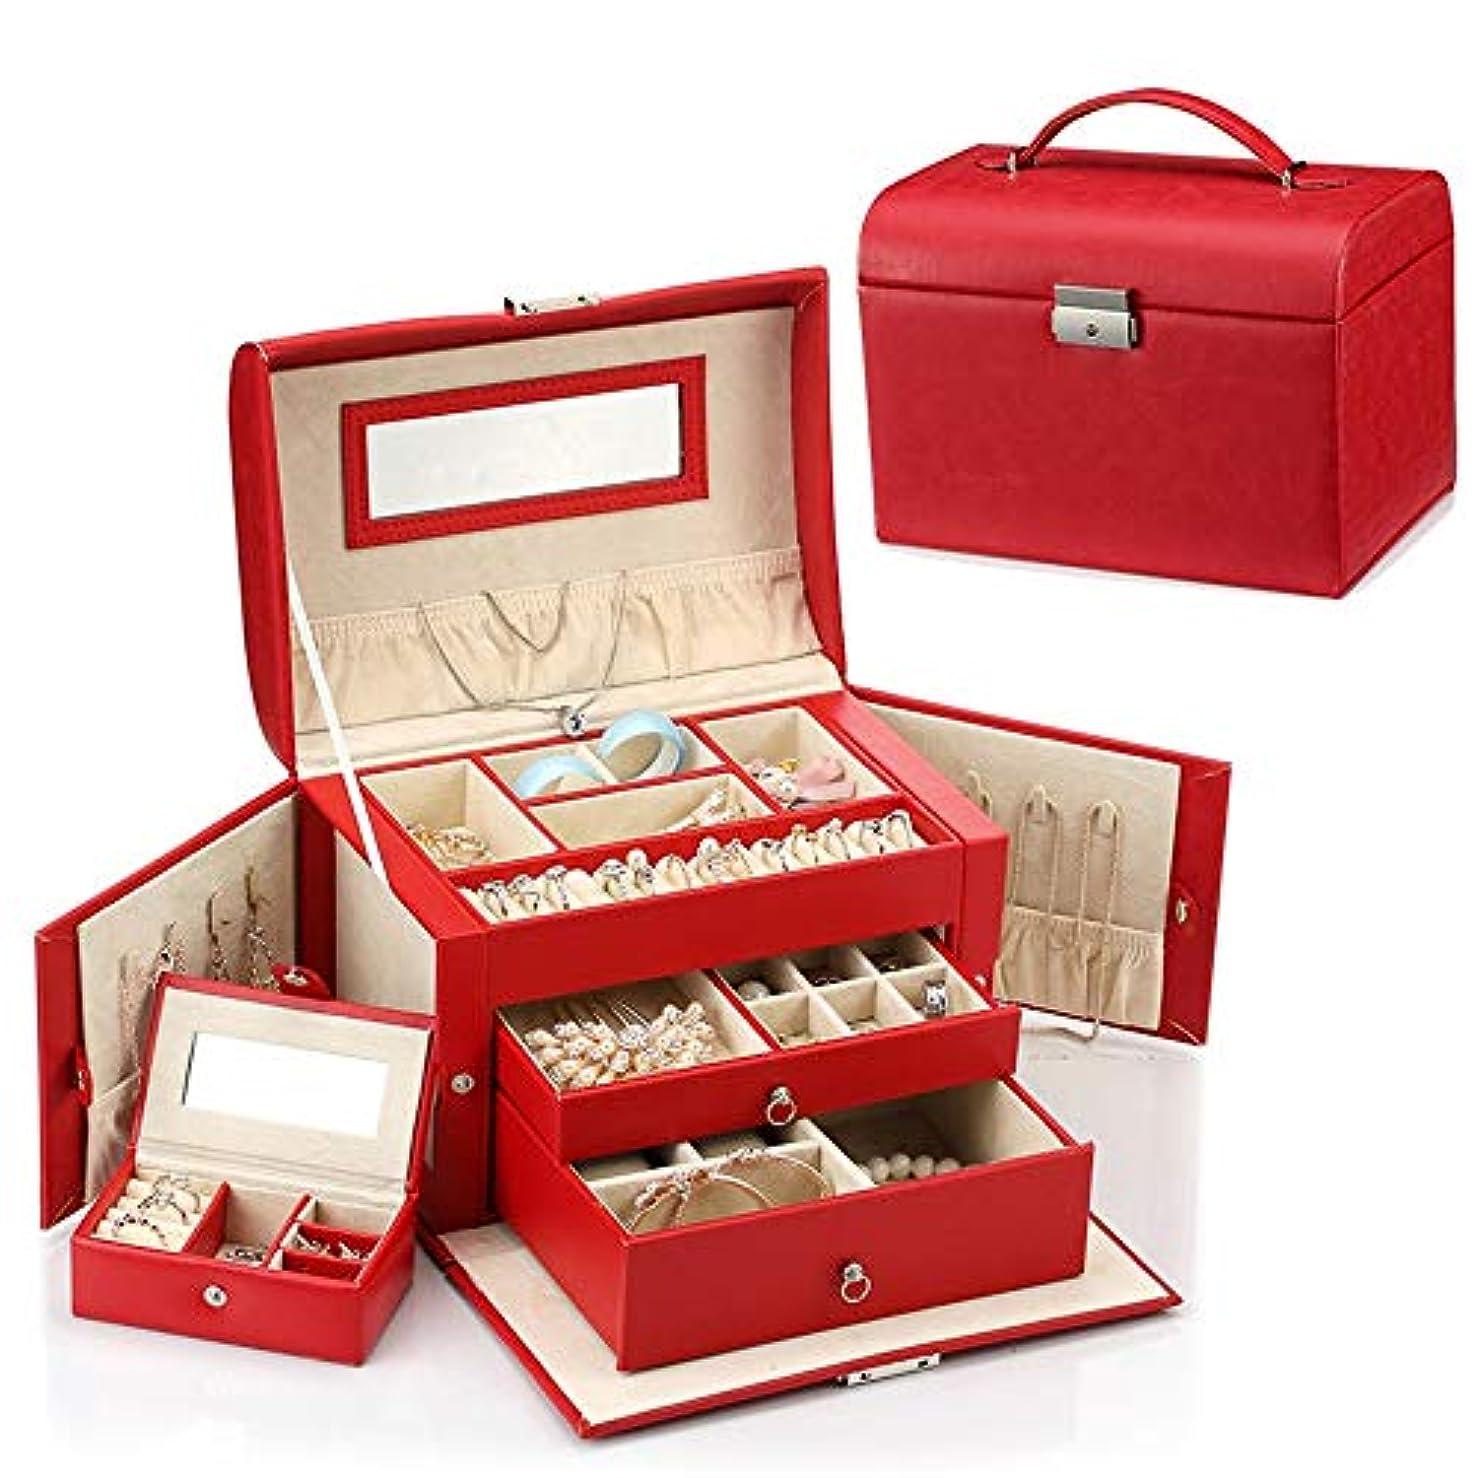 特大スペース収納ビューティーボックス ジュエリーボックス、イミテーションレザーミディアムジュエリー収納ボックス、ポータブル、ロックレディレトロギフト - マルチカラーオプション 化粧品化粧台 (色 : 赤)